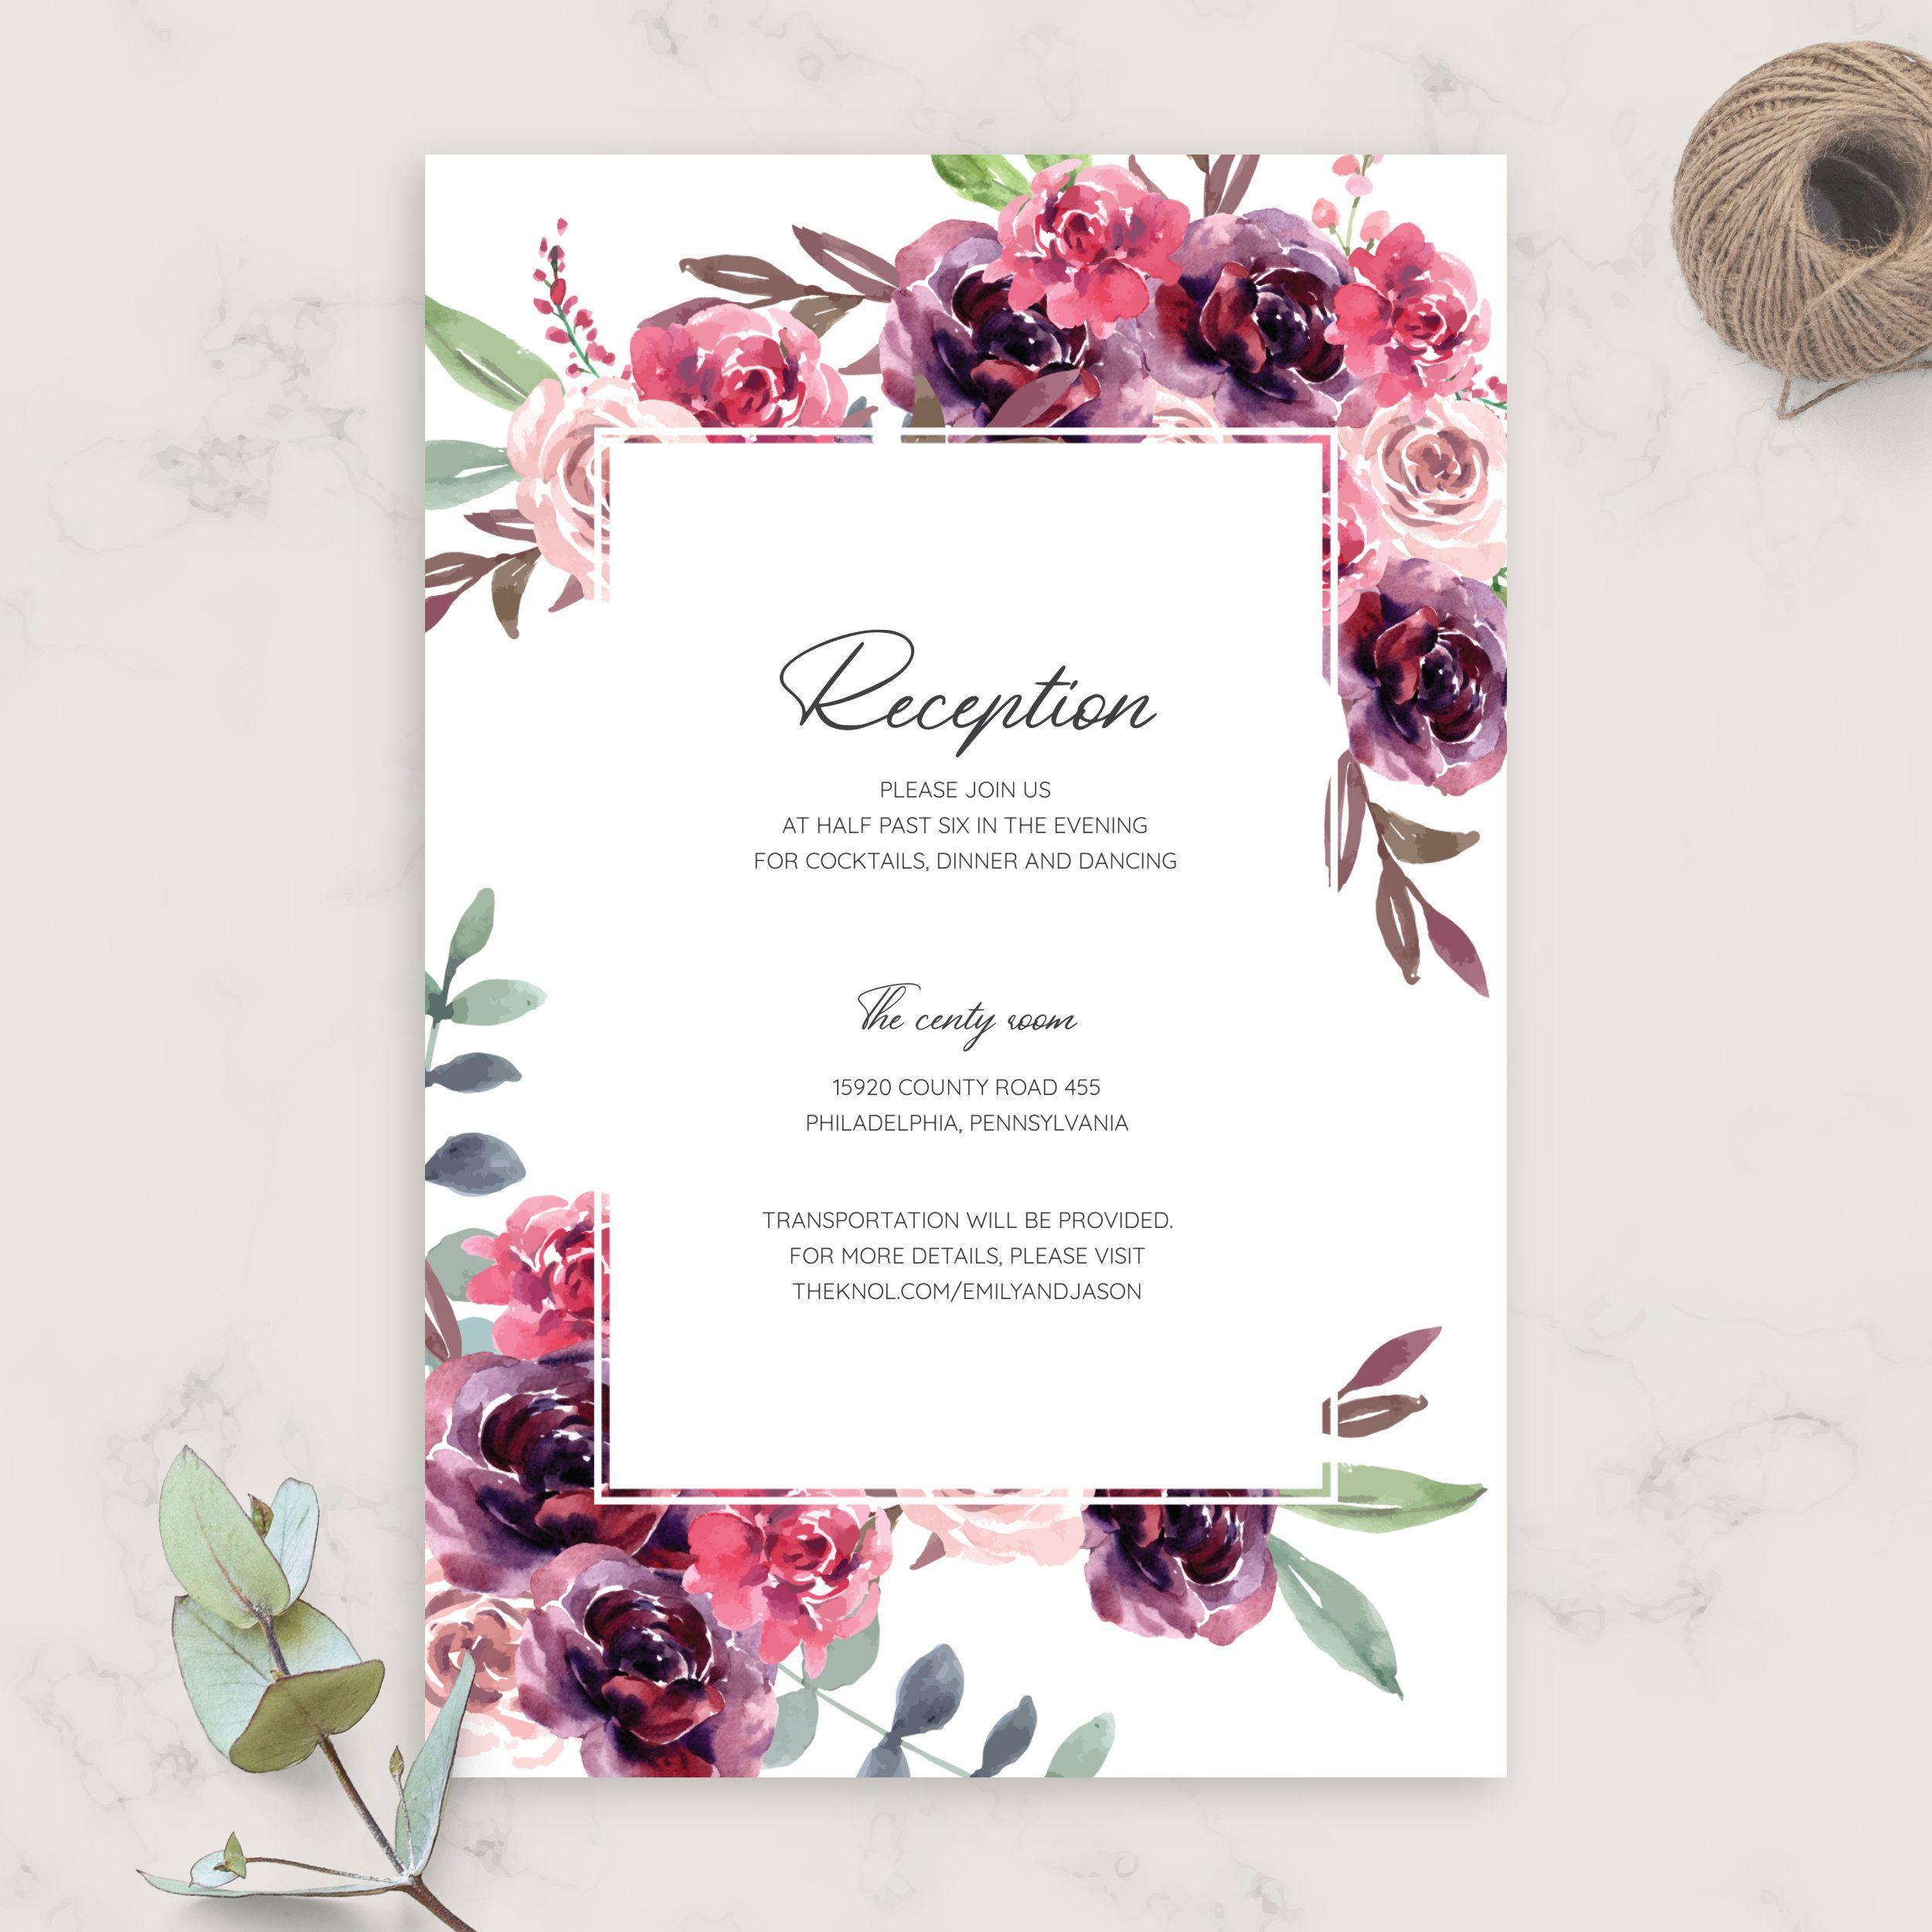 Burgundy Floral Wedding Reception Card Diy Printable Wedding Etsy In 2020 Wedding Reception Cards Wedding Invitation Enclosure Cards Wedding Details Card